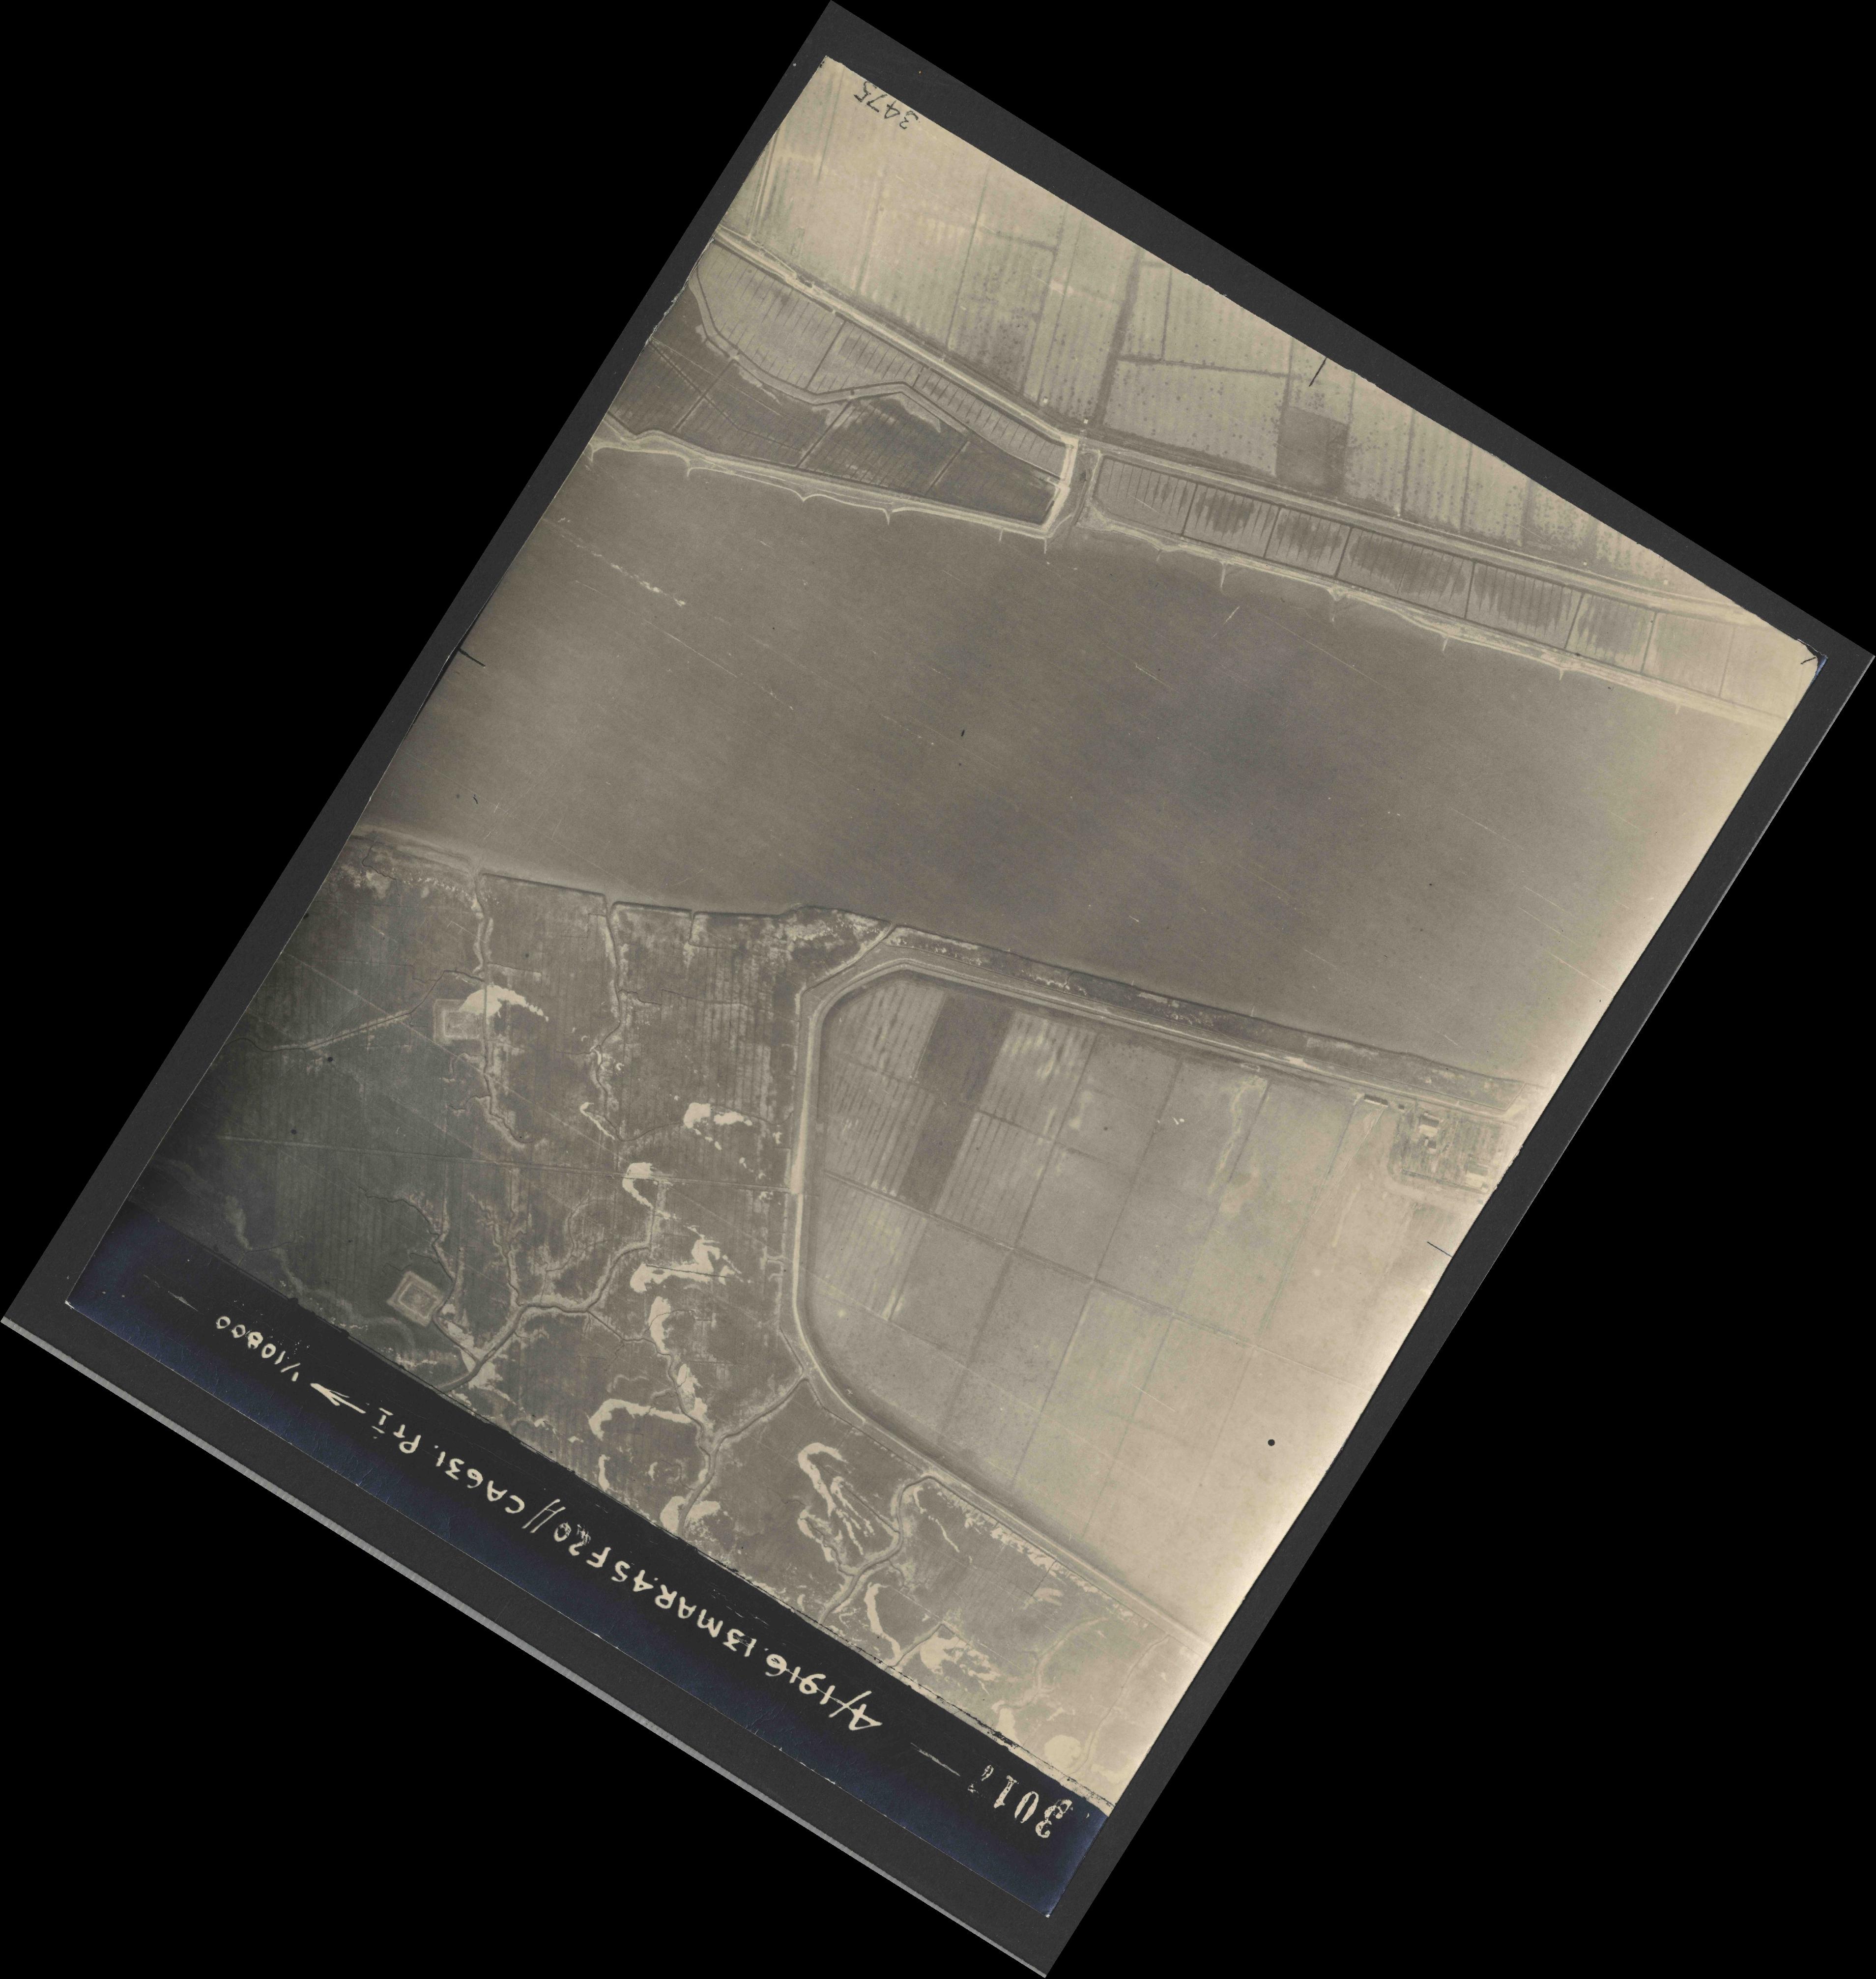 Collection RAF aerial photos 1940-1945 - flight 085, run 06, photo 3017